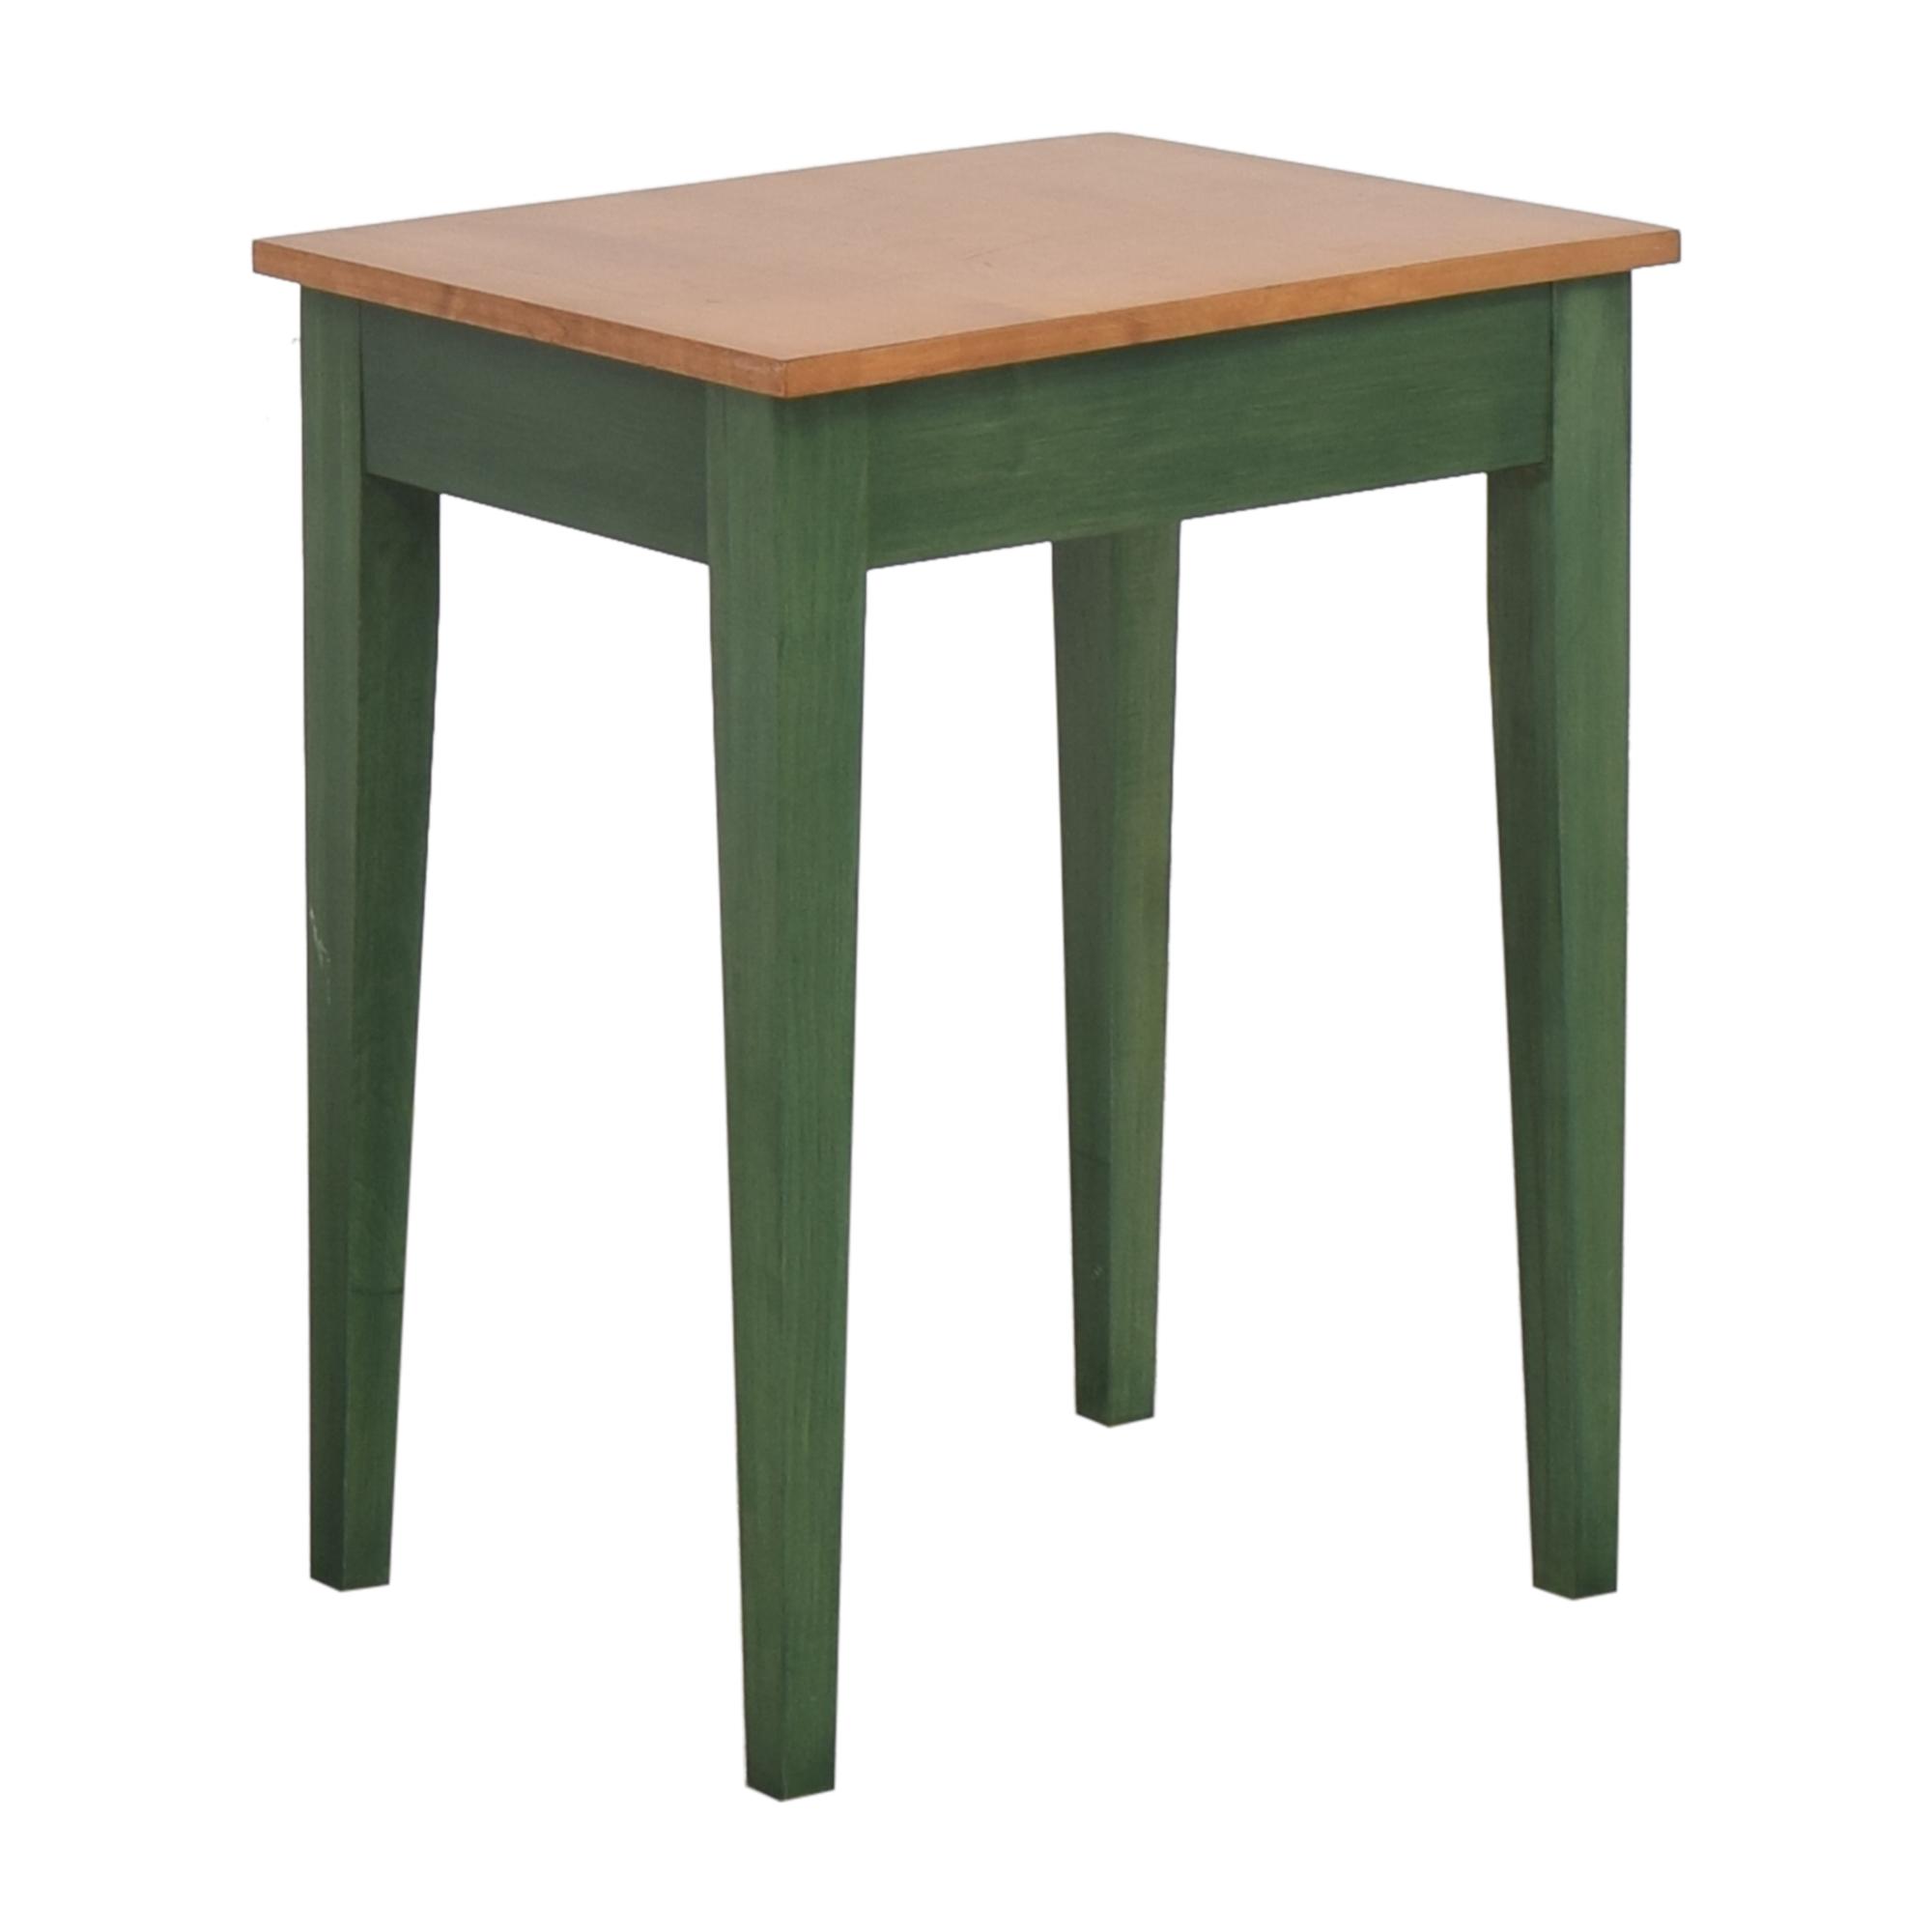 Ethan Allen Ethan Allen High Top Table nyc